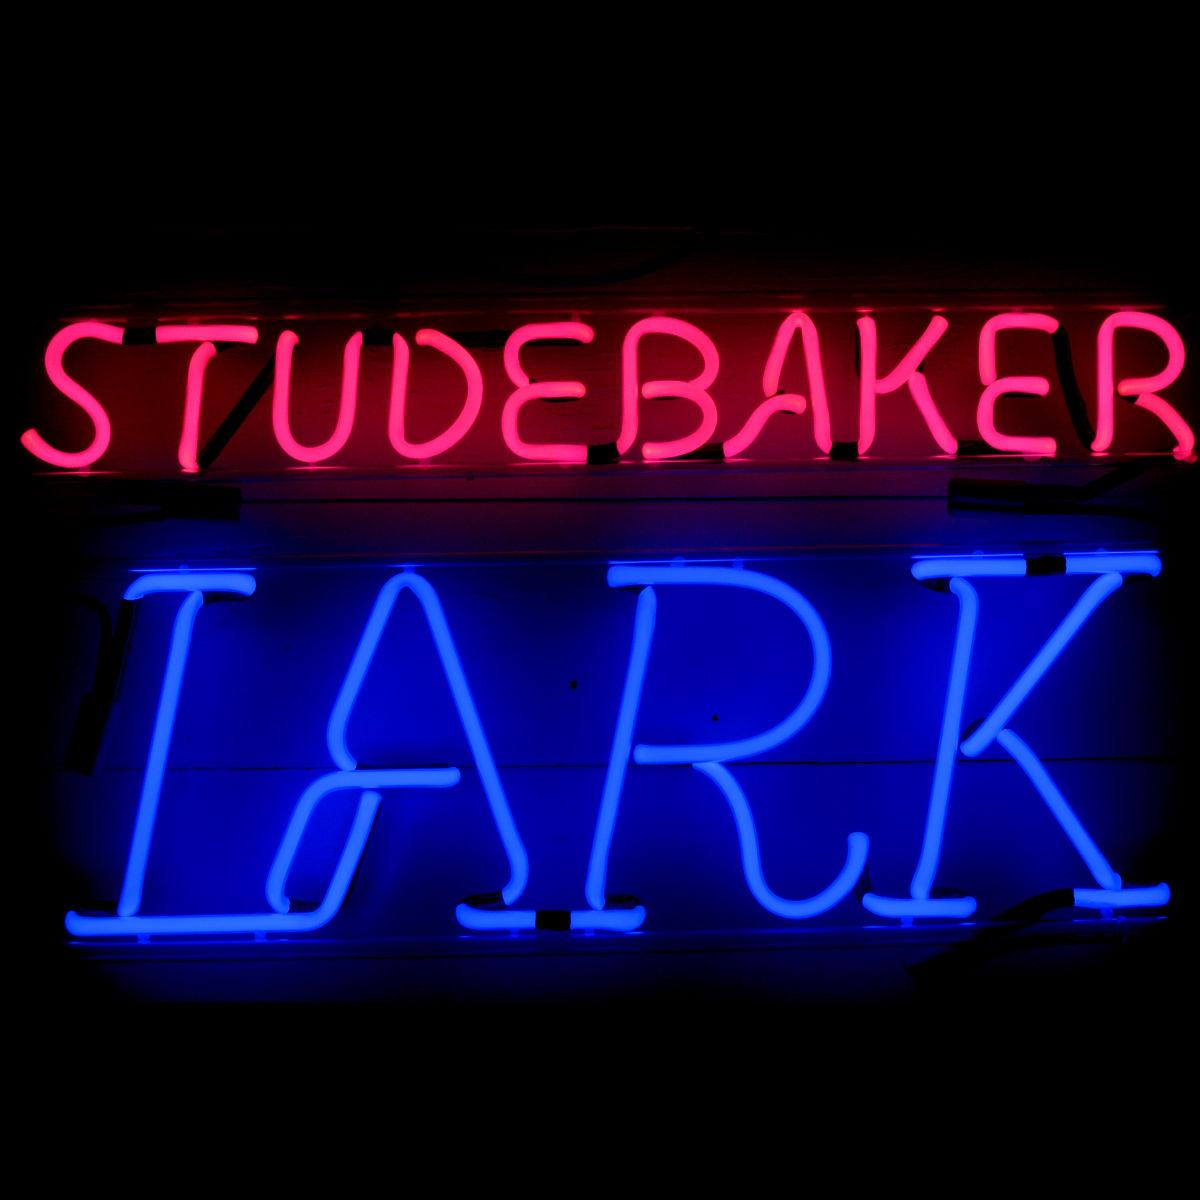 Studebaker Lark Neon Sign